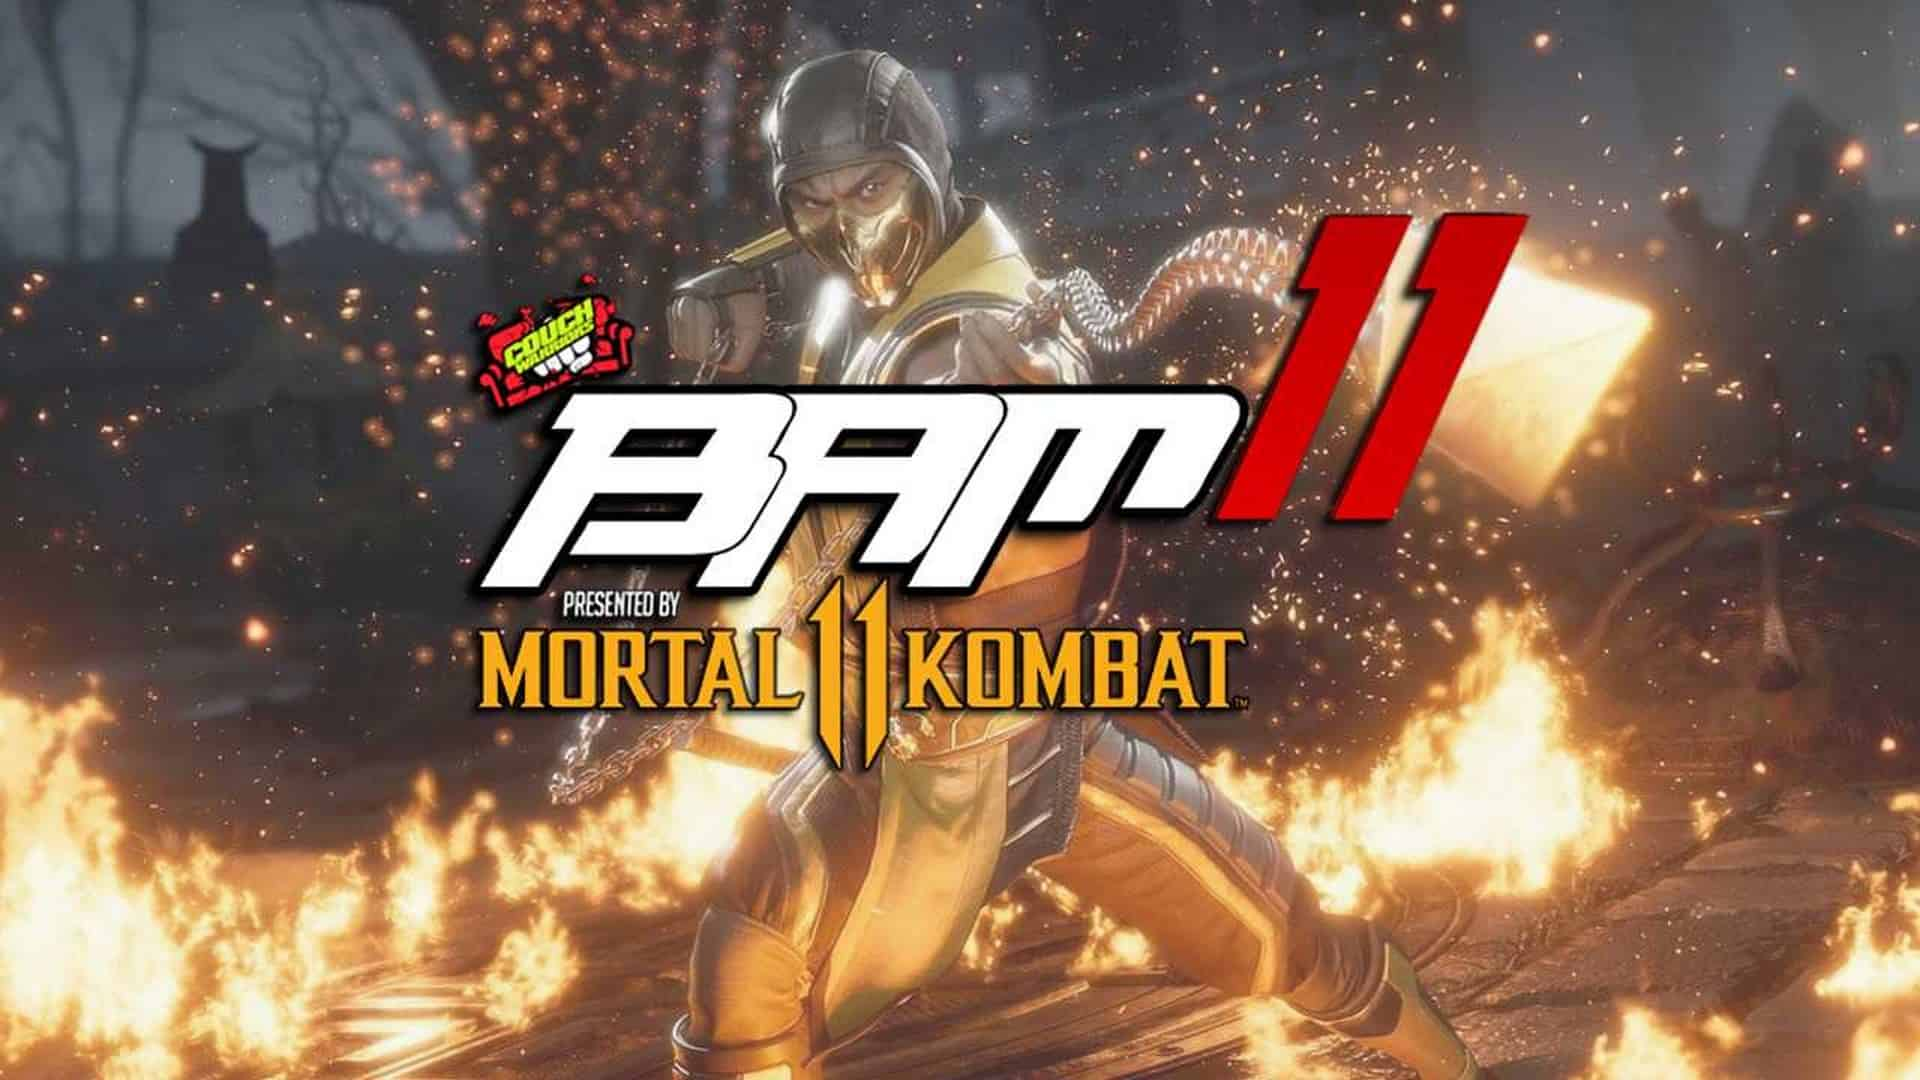 CouchWarriors Announce Mortal Kombat 11 As Platinum Sponsor for BAM11